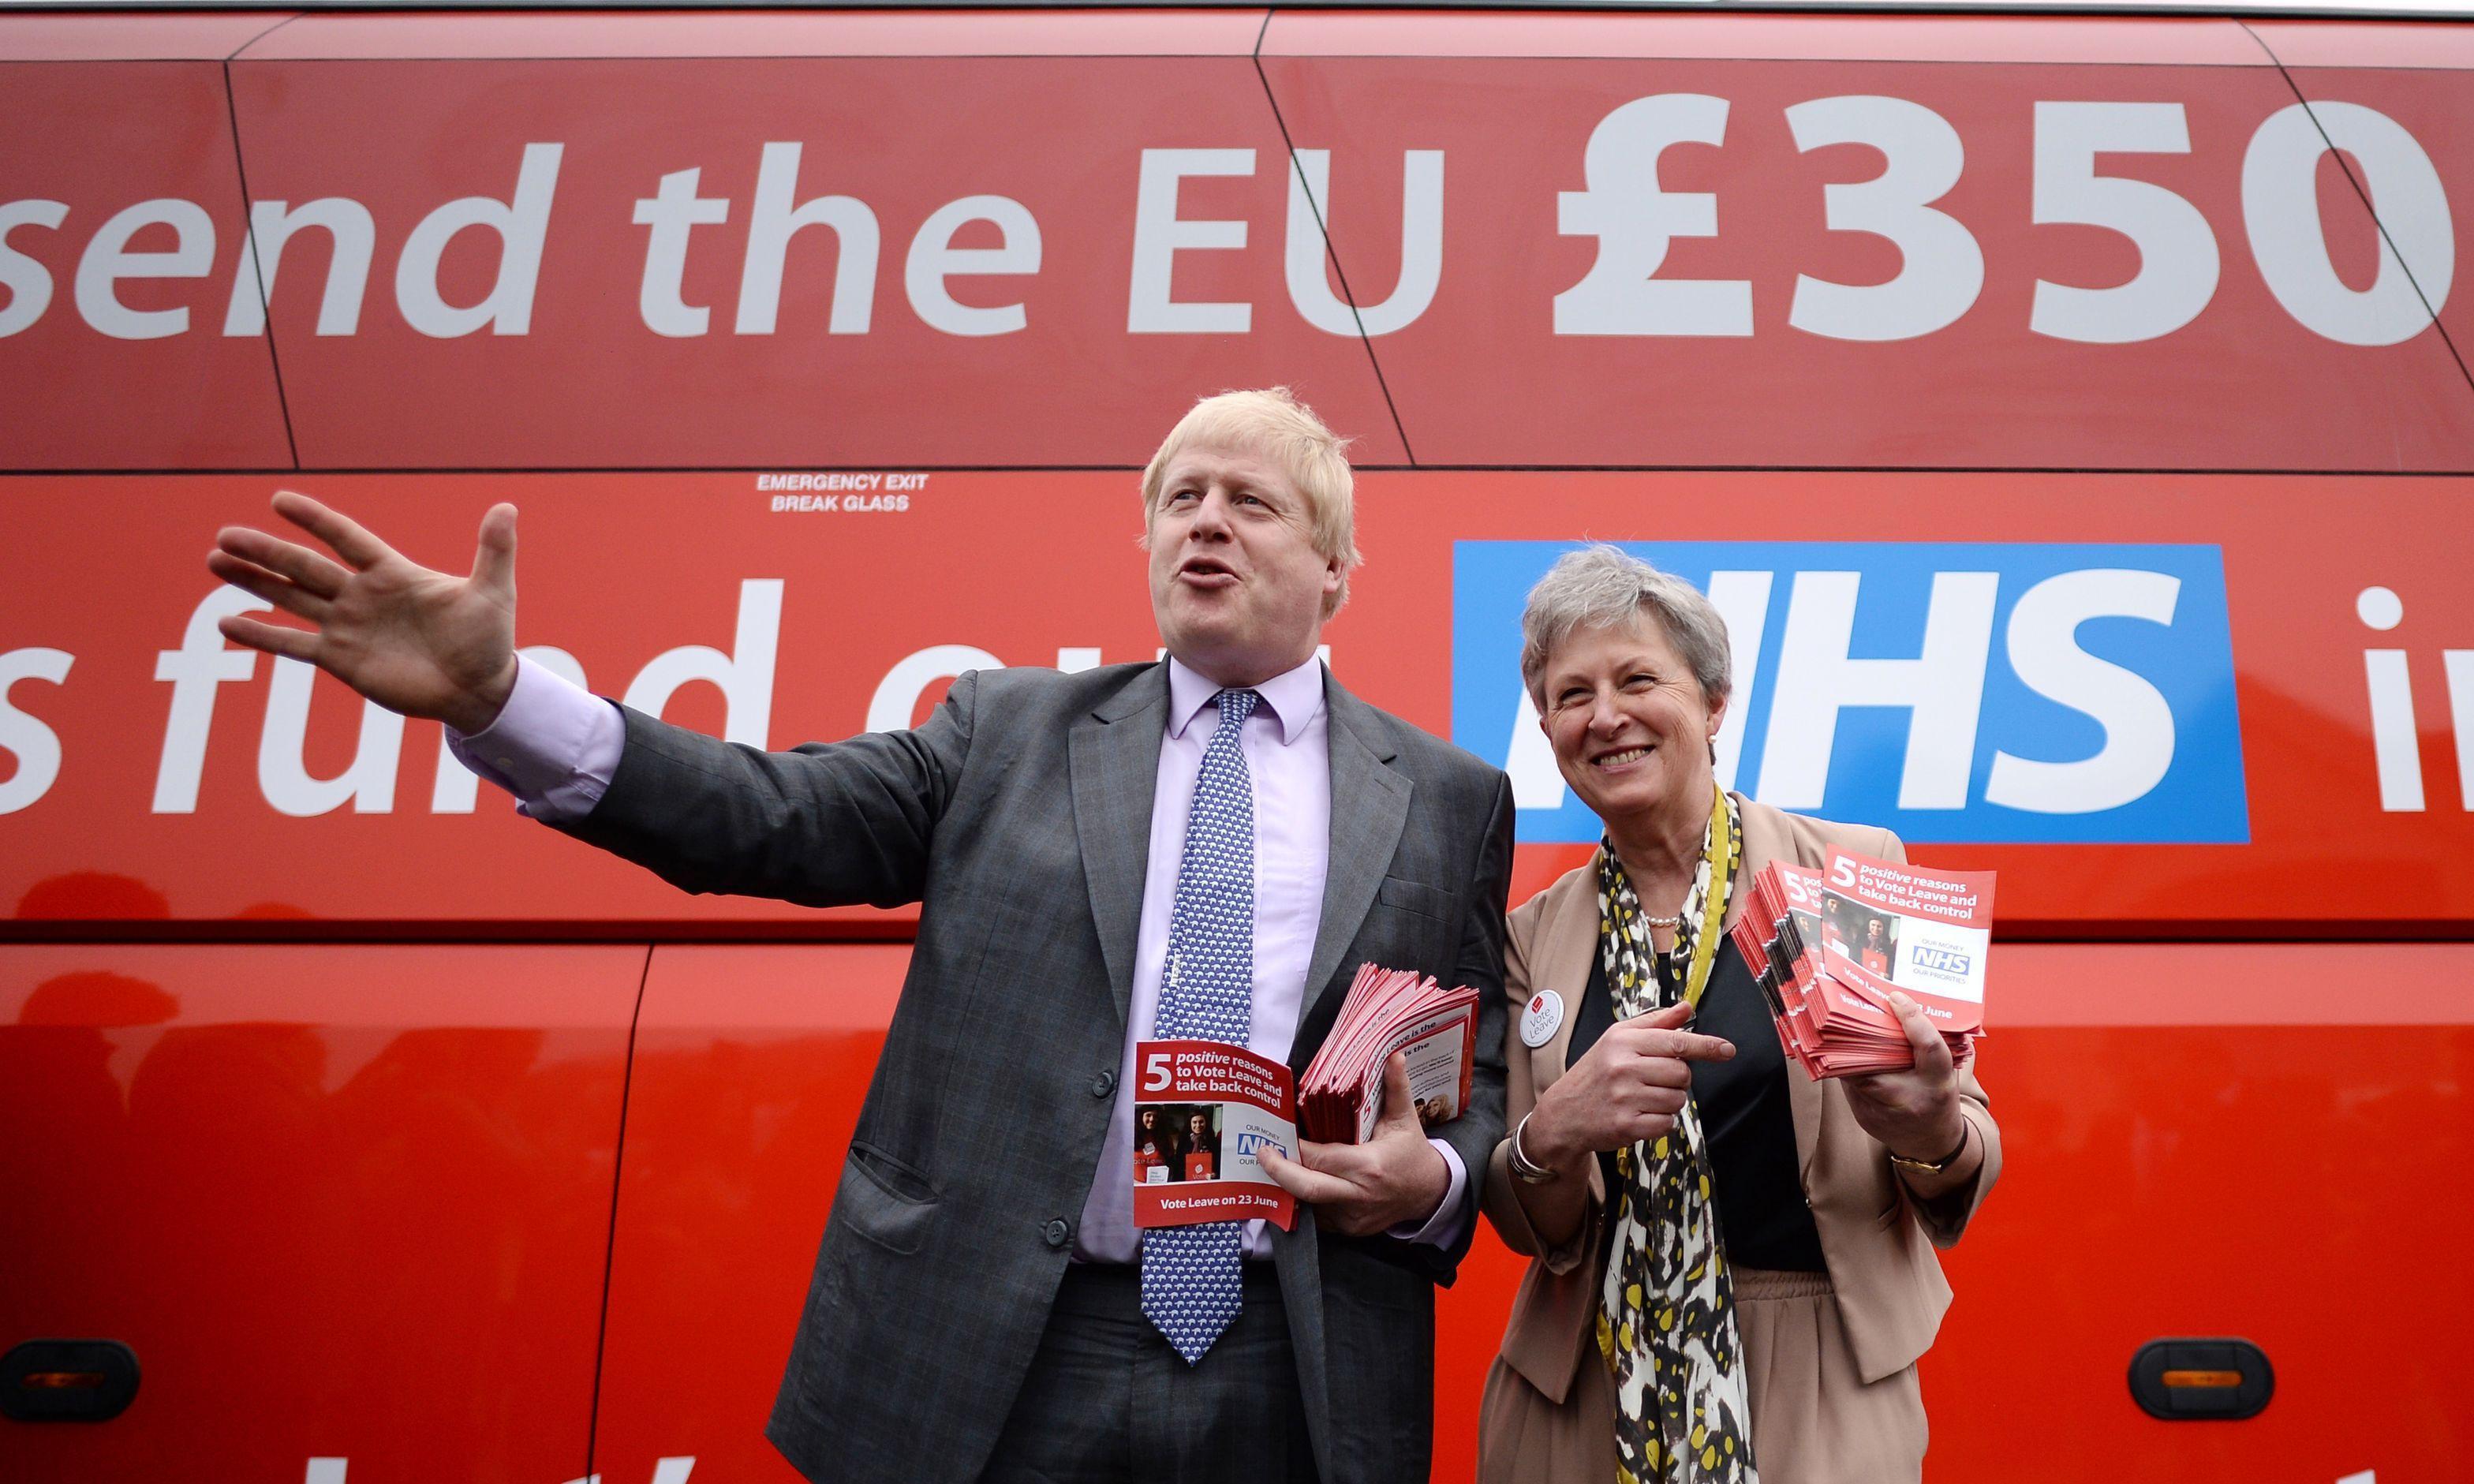 Judge rejects court action against Boris Johnson over £350m Brexit claim